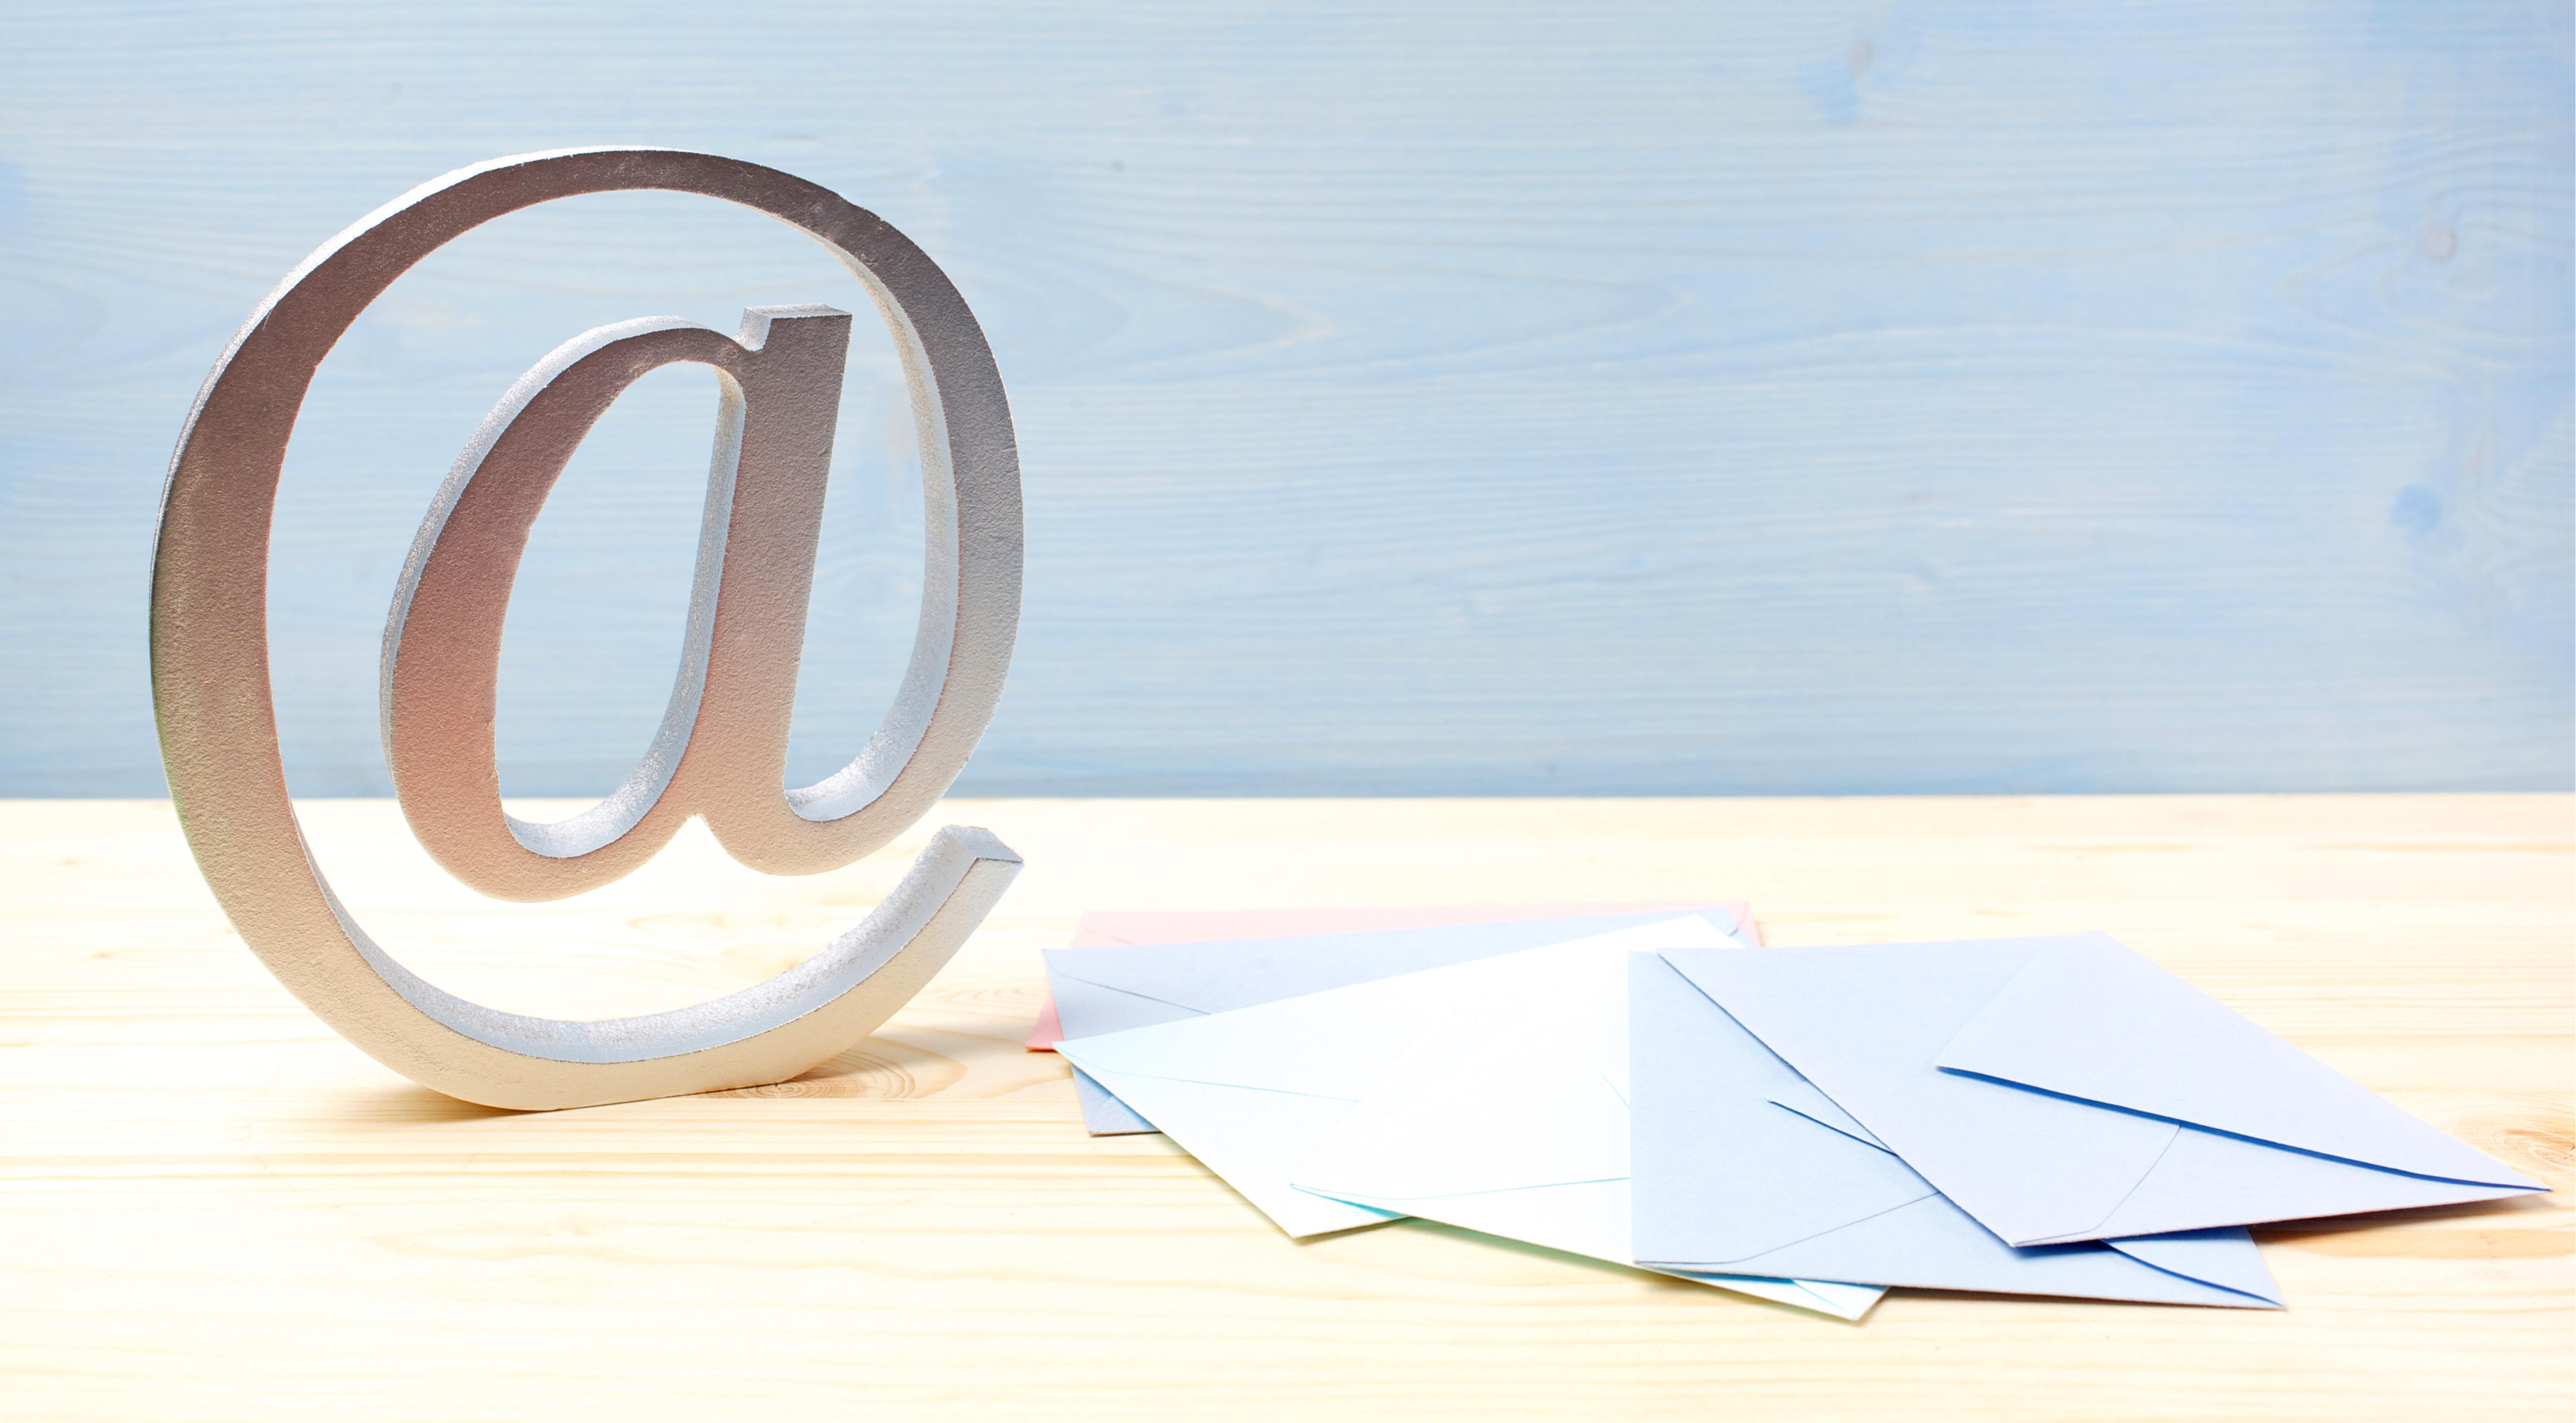 关于Bitrix24账户电子邮件同步和重复电子邮件存储的重要通知